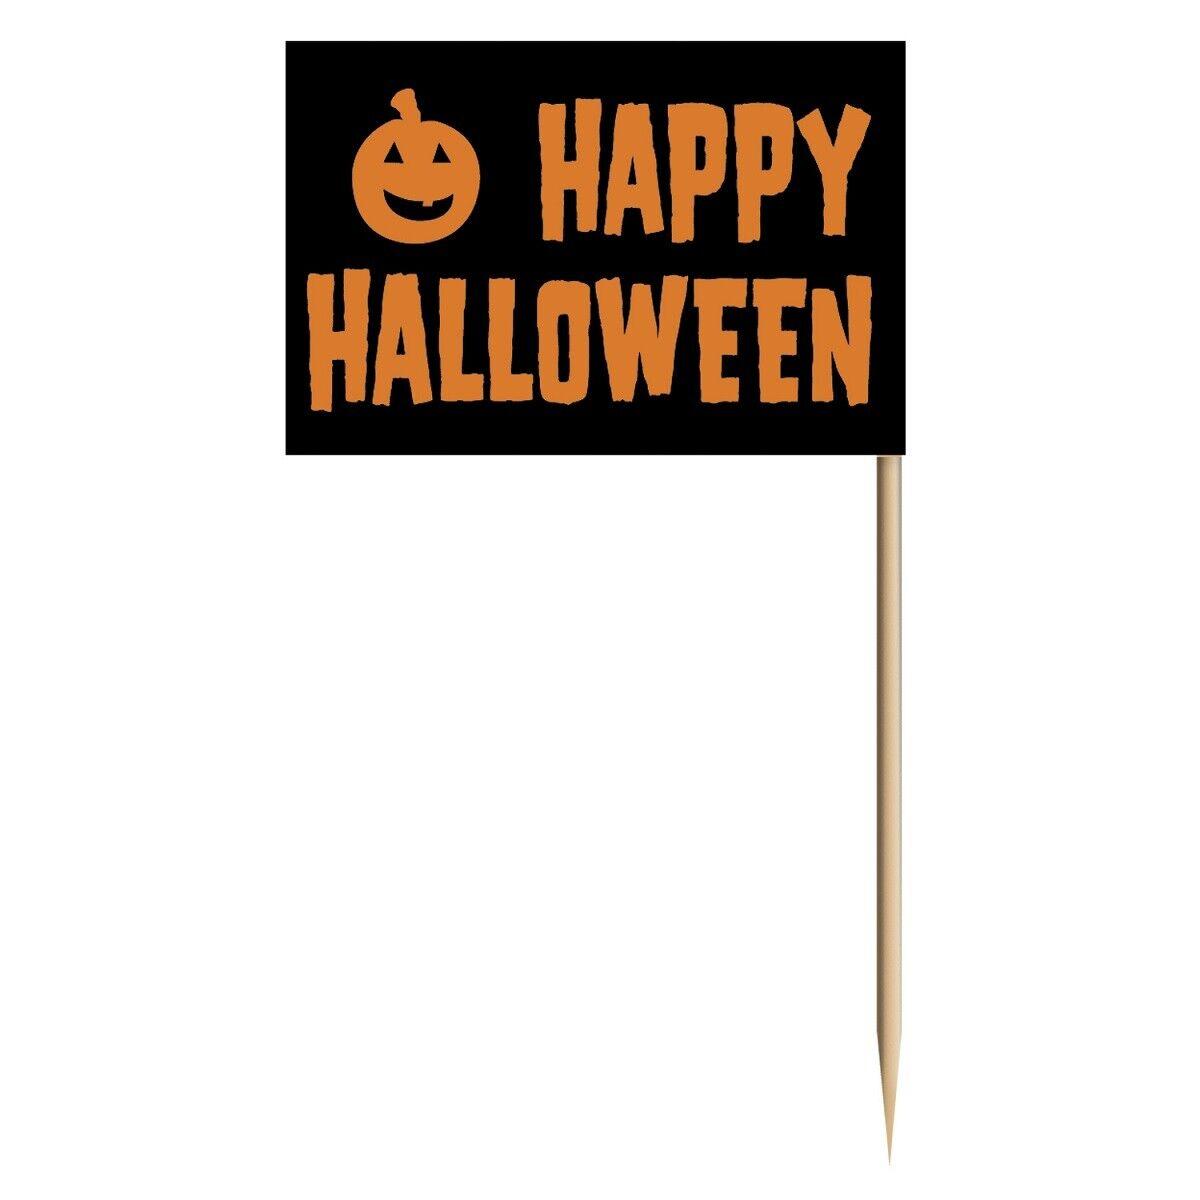 50 Deko-Picker Happy Halloween Picks Party Deko Zahnstocher mit Fähnchen Buffet